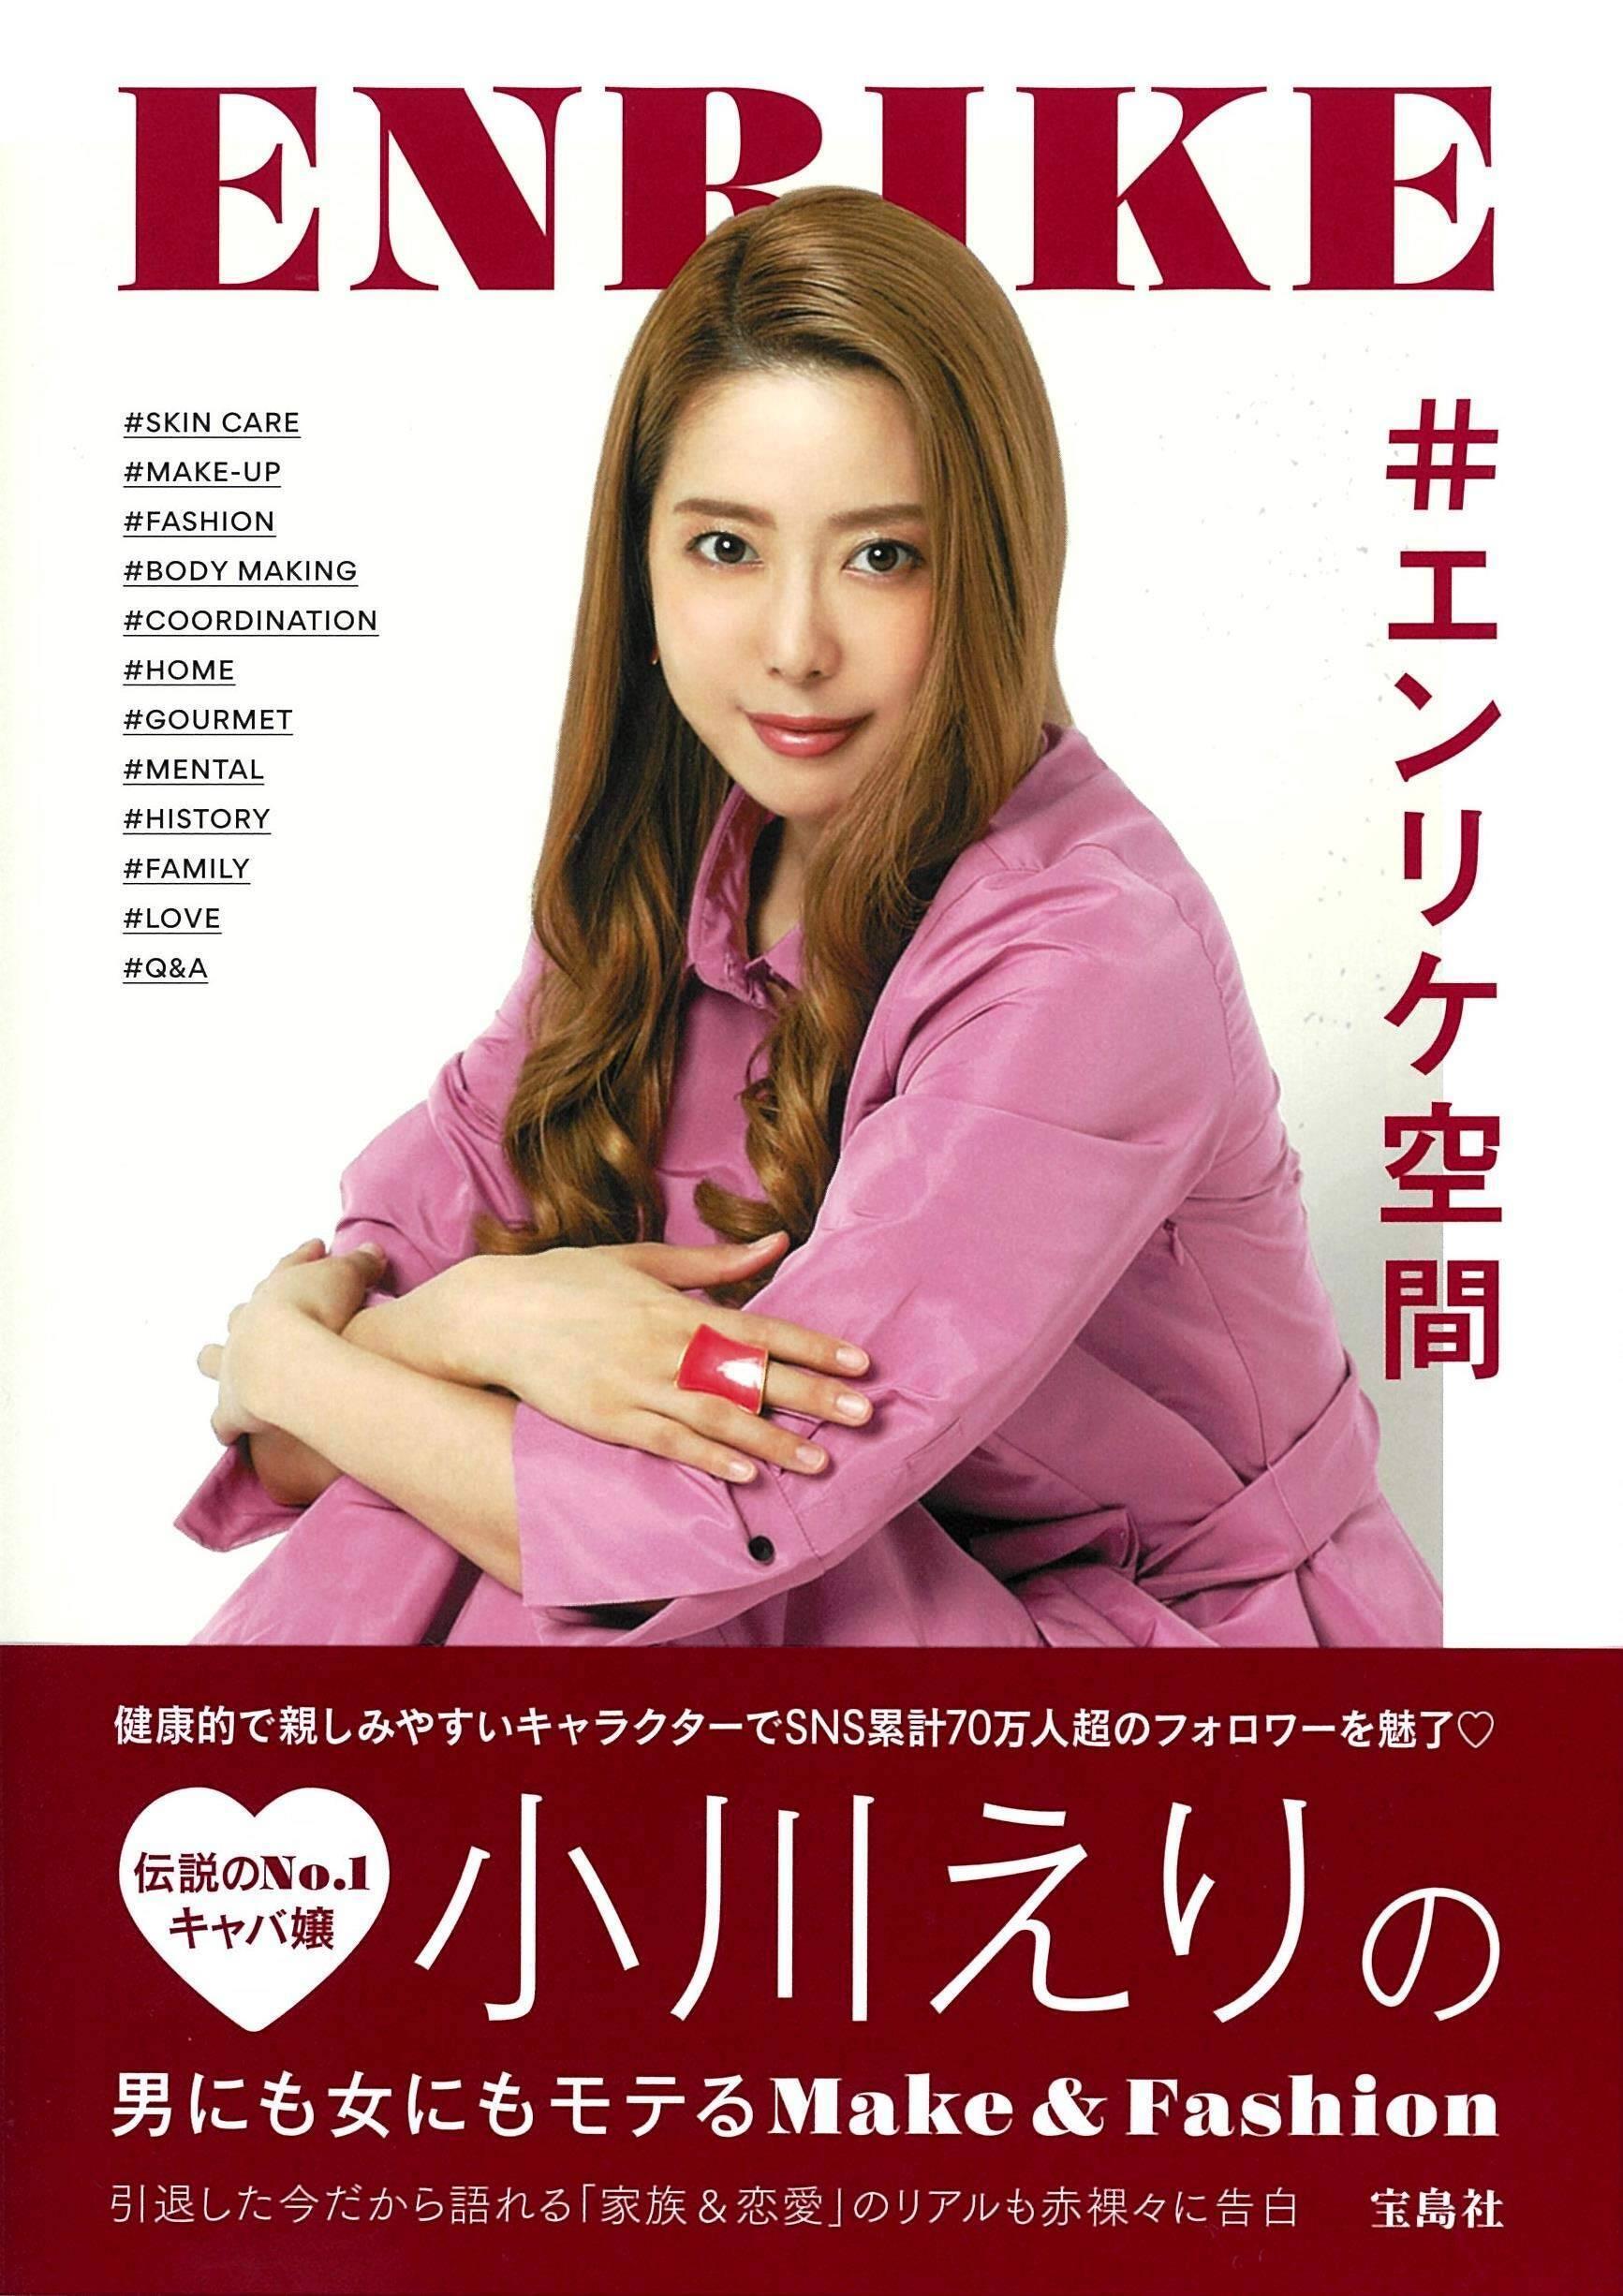 元キャバ嬢・小川えりさん『エンリケ空間』でメイク&ファッションを初公開